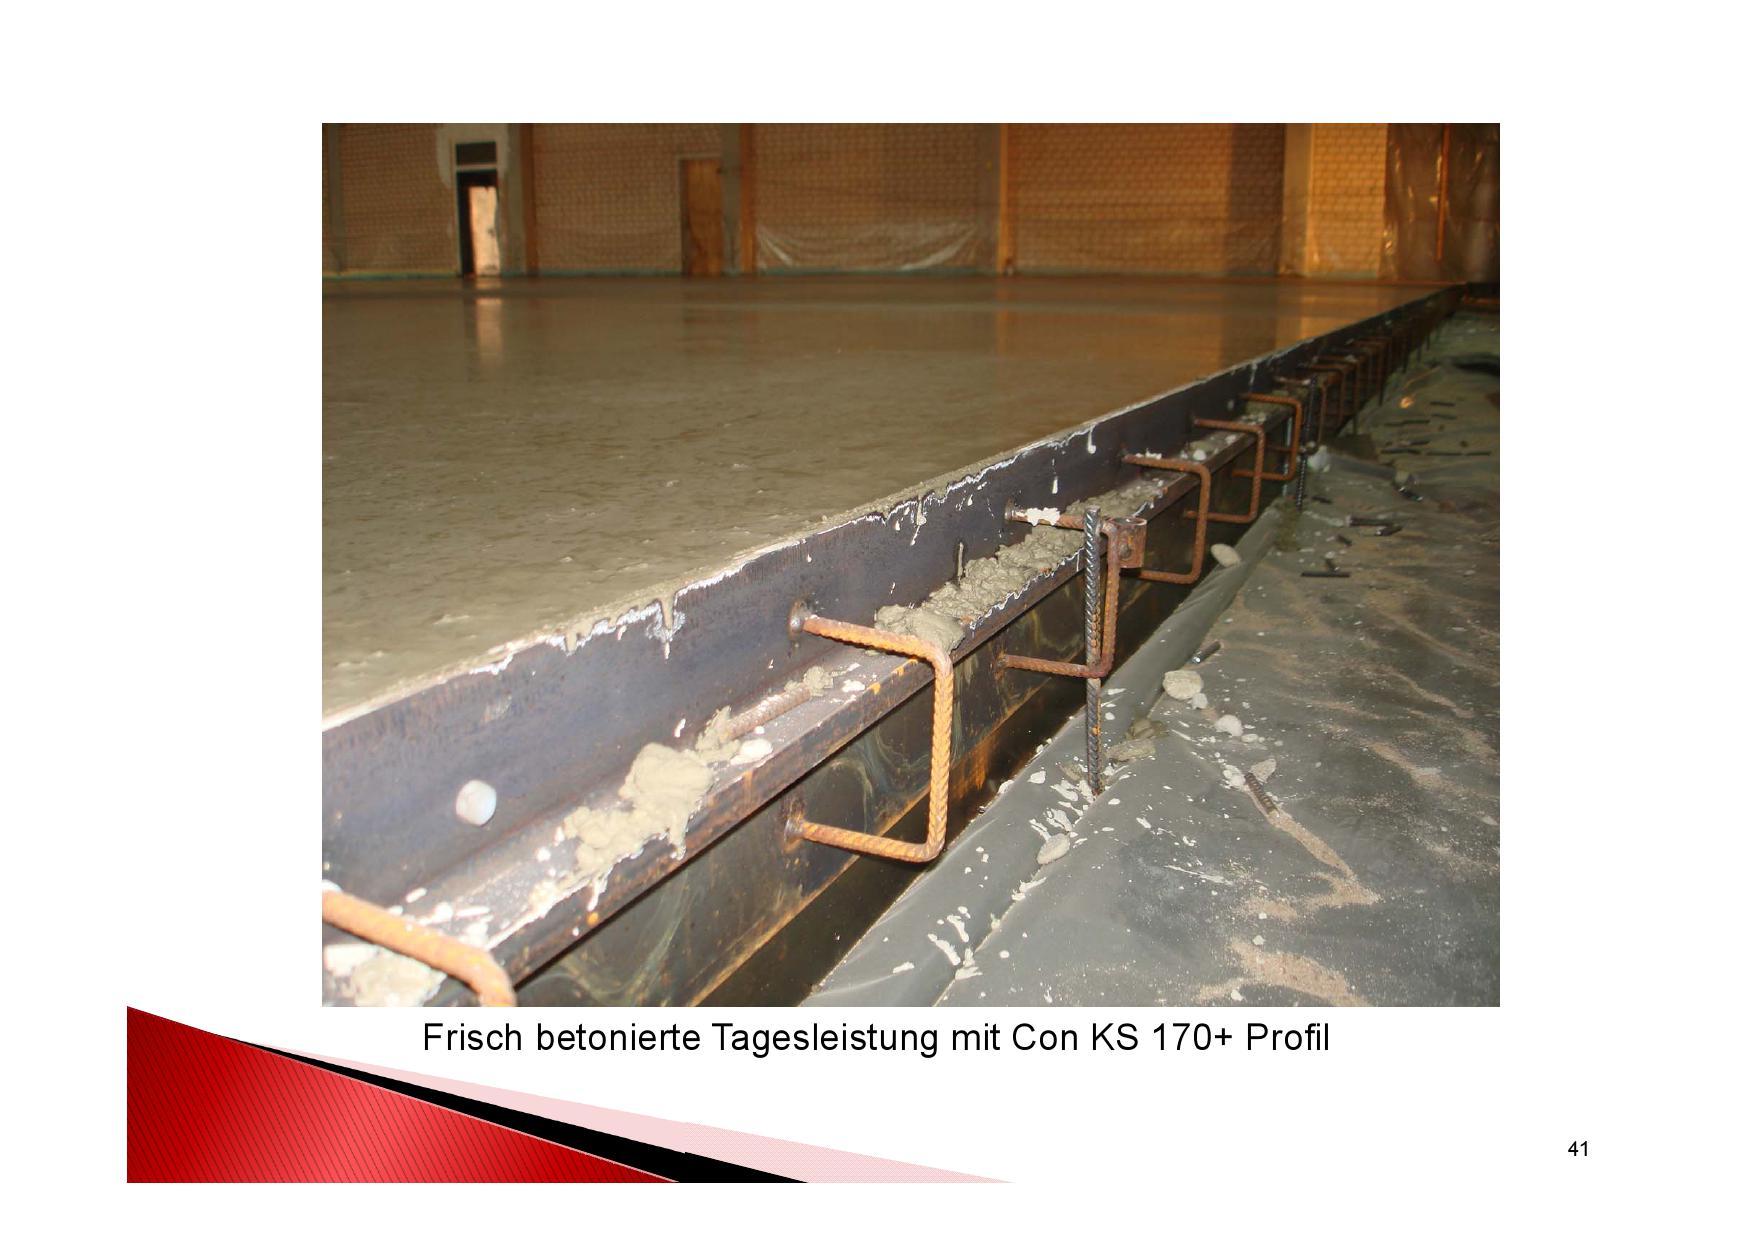 Industrieboden Herstellung: Frisch betonierte Tagesleistung mit Con KS 170+ Fugenprofil